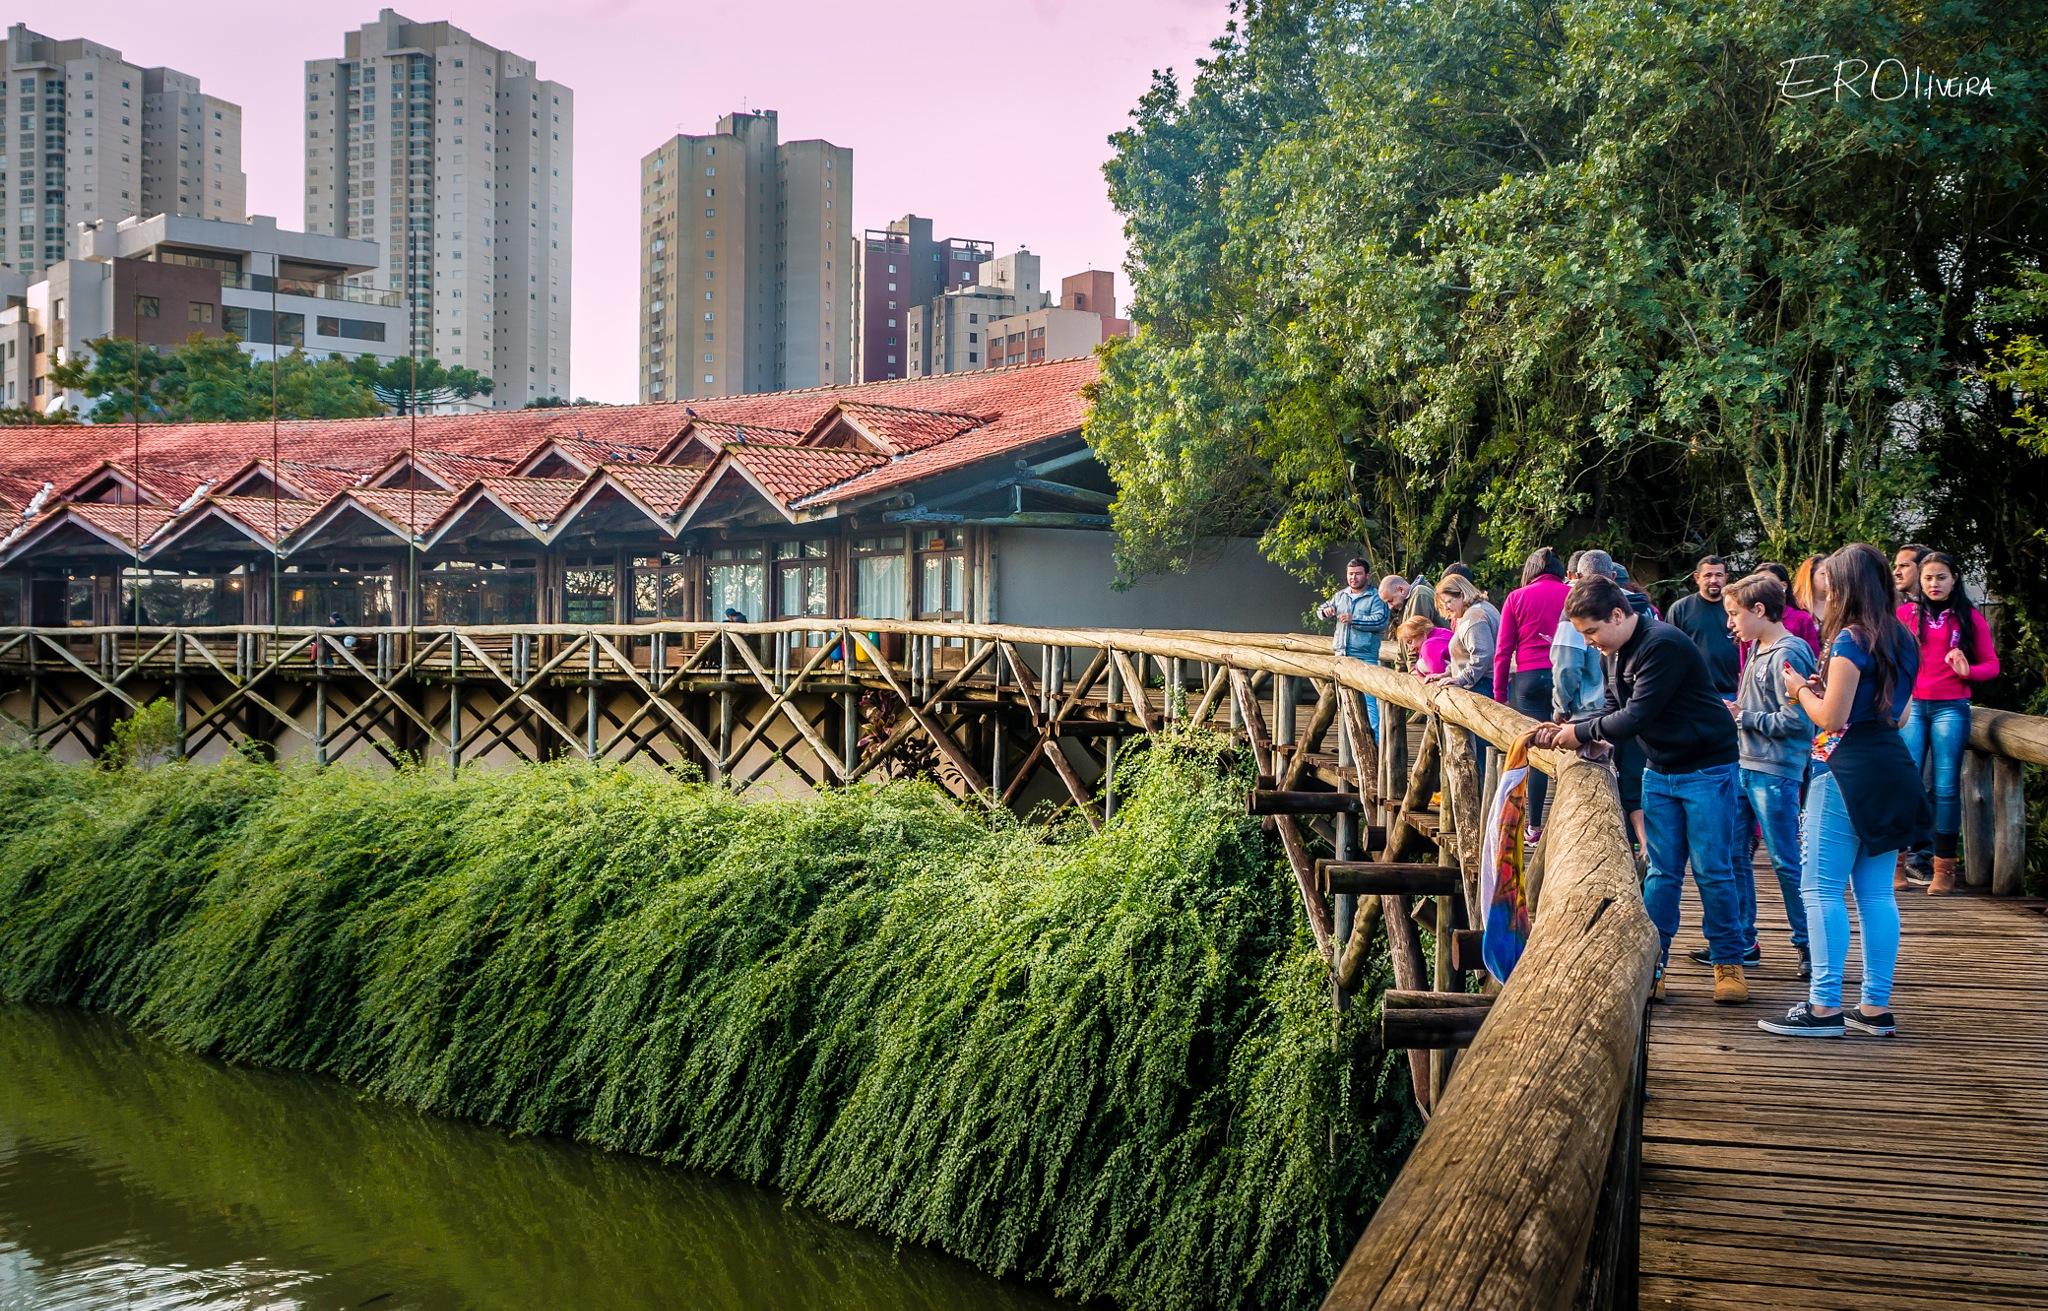 Wooden Bridge by EROliveira